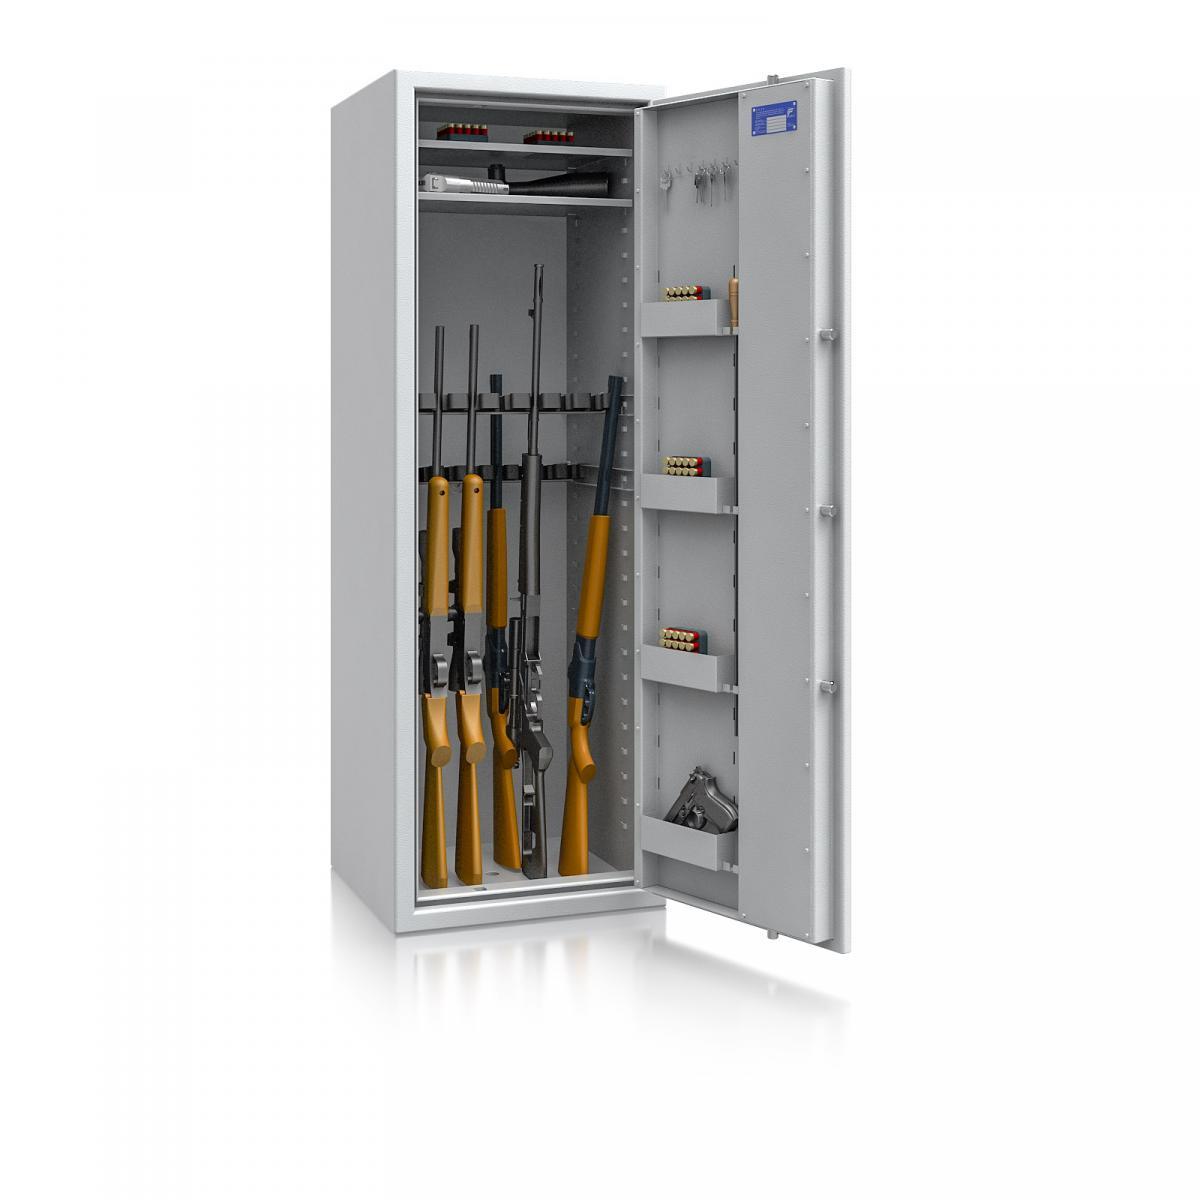 Waffenschrank Luzern WF MAX 2 - 1600x550x500 / 207kg 55632 / Klasse 0 / RAL7035 / Schlüssel / DIN R / ohne Trennw.